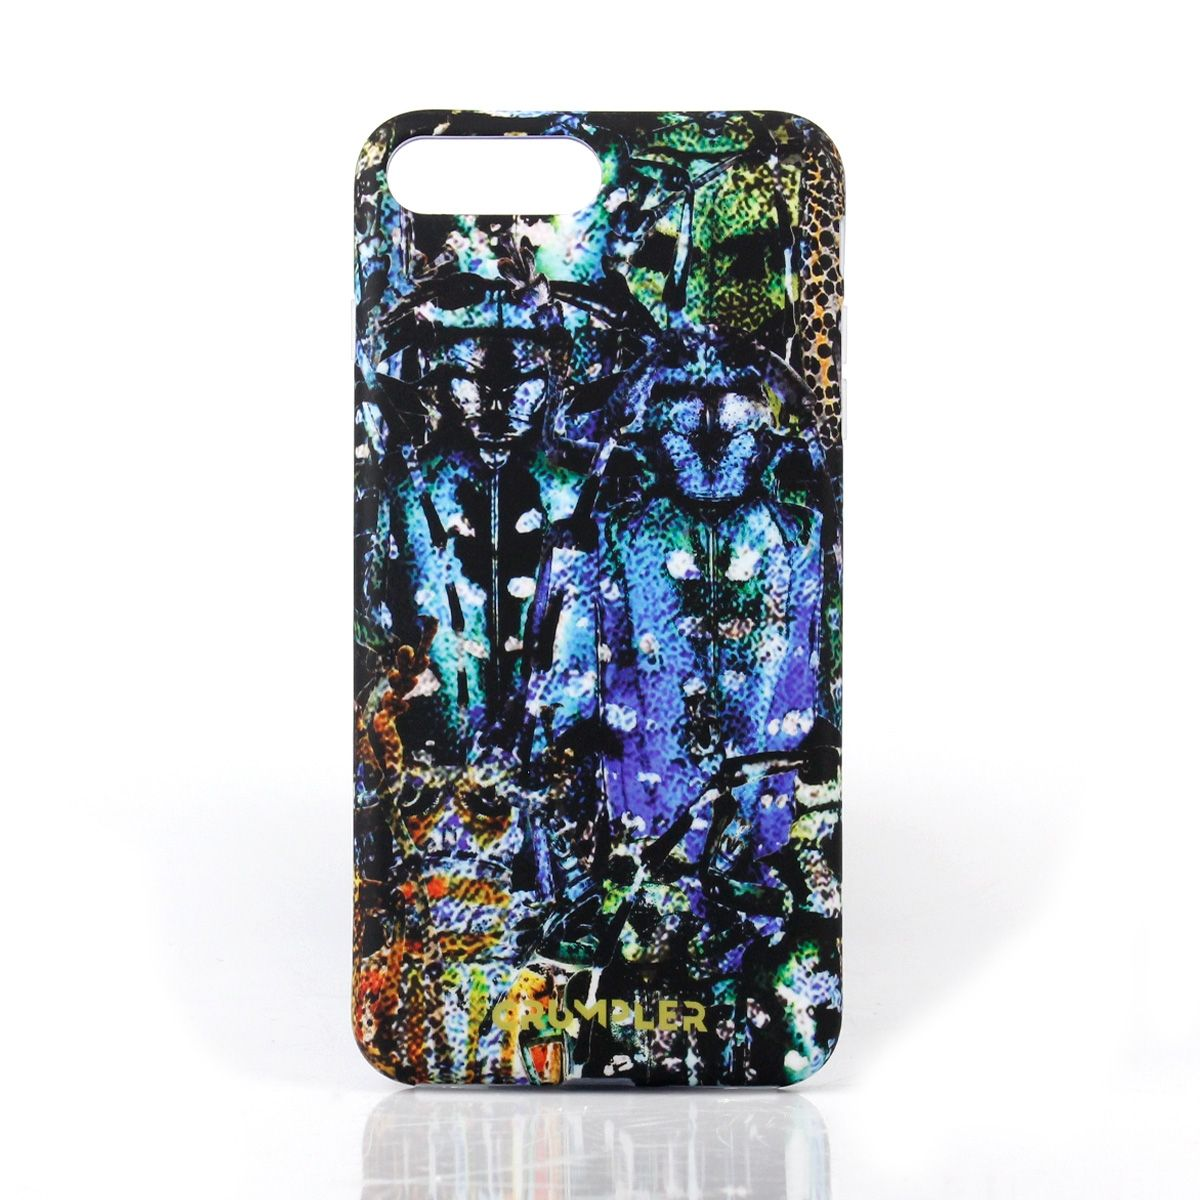 Excursión horno casual  Crumpler Phone Case Crumpler Phone Cases Anomalous Print | Print phone case,  Phone cases, Iphone phone cases